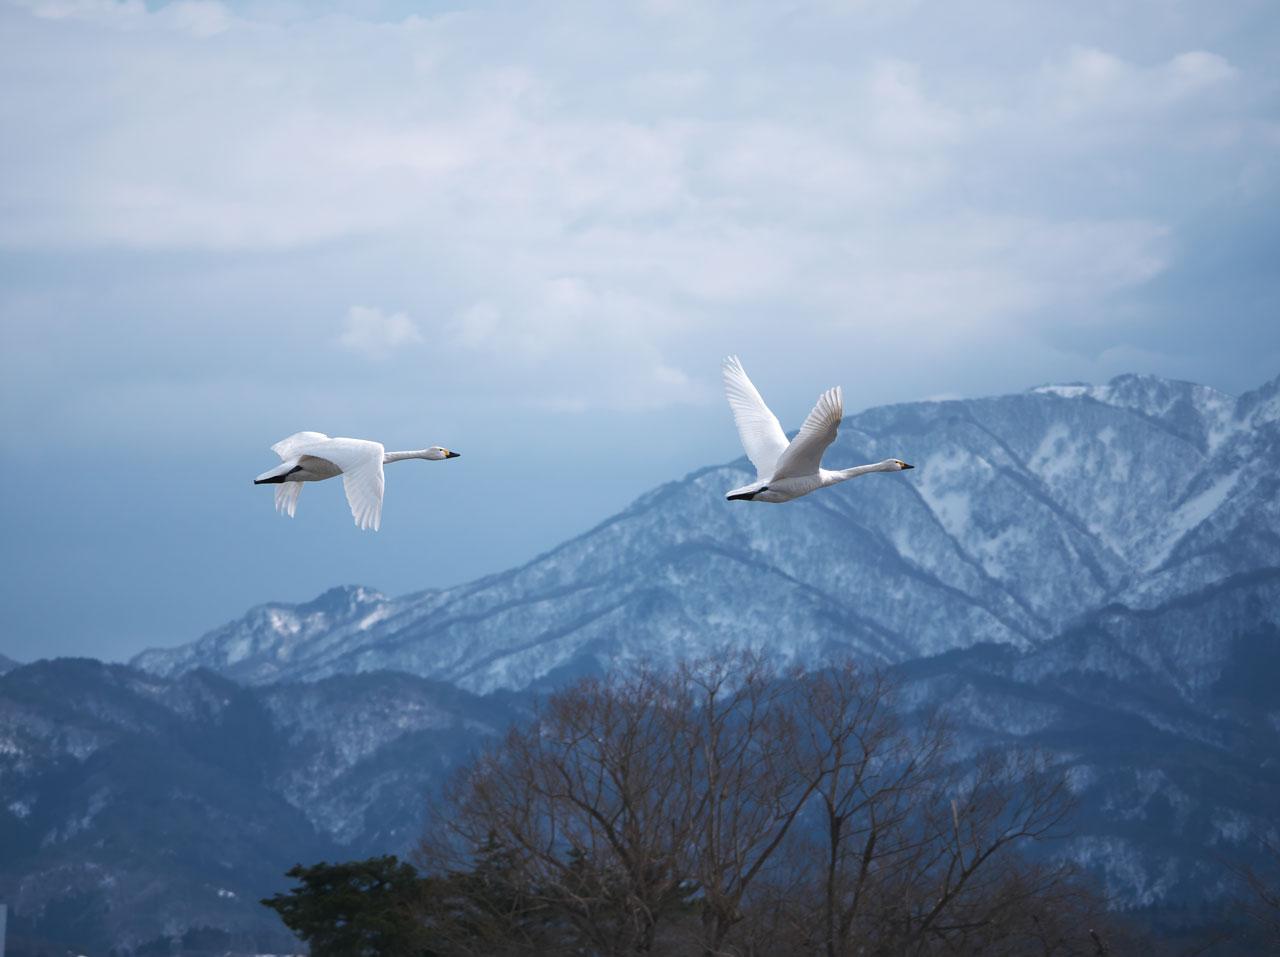 瓢湖の白鳥3:LUMIX DMC-G99+LEICA DG VARIO-ELMAR 100-400mm/F4.0-6.3 ASPH./POWER O.I.S. H-RS100400